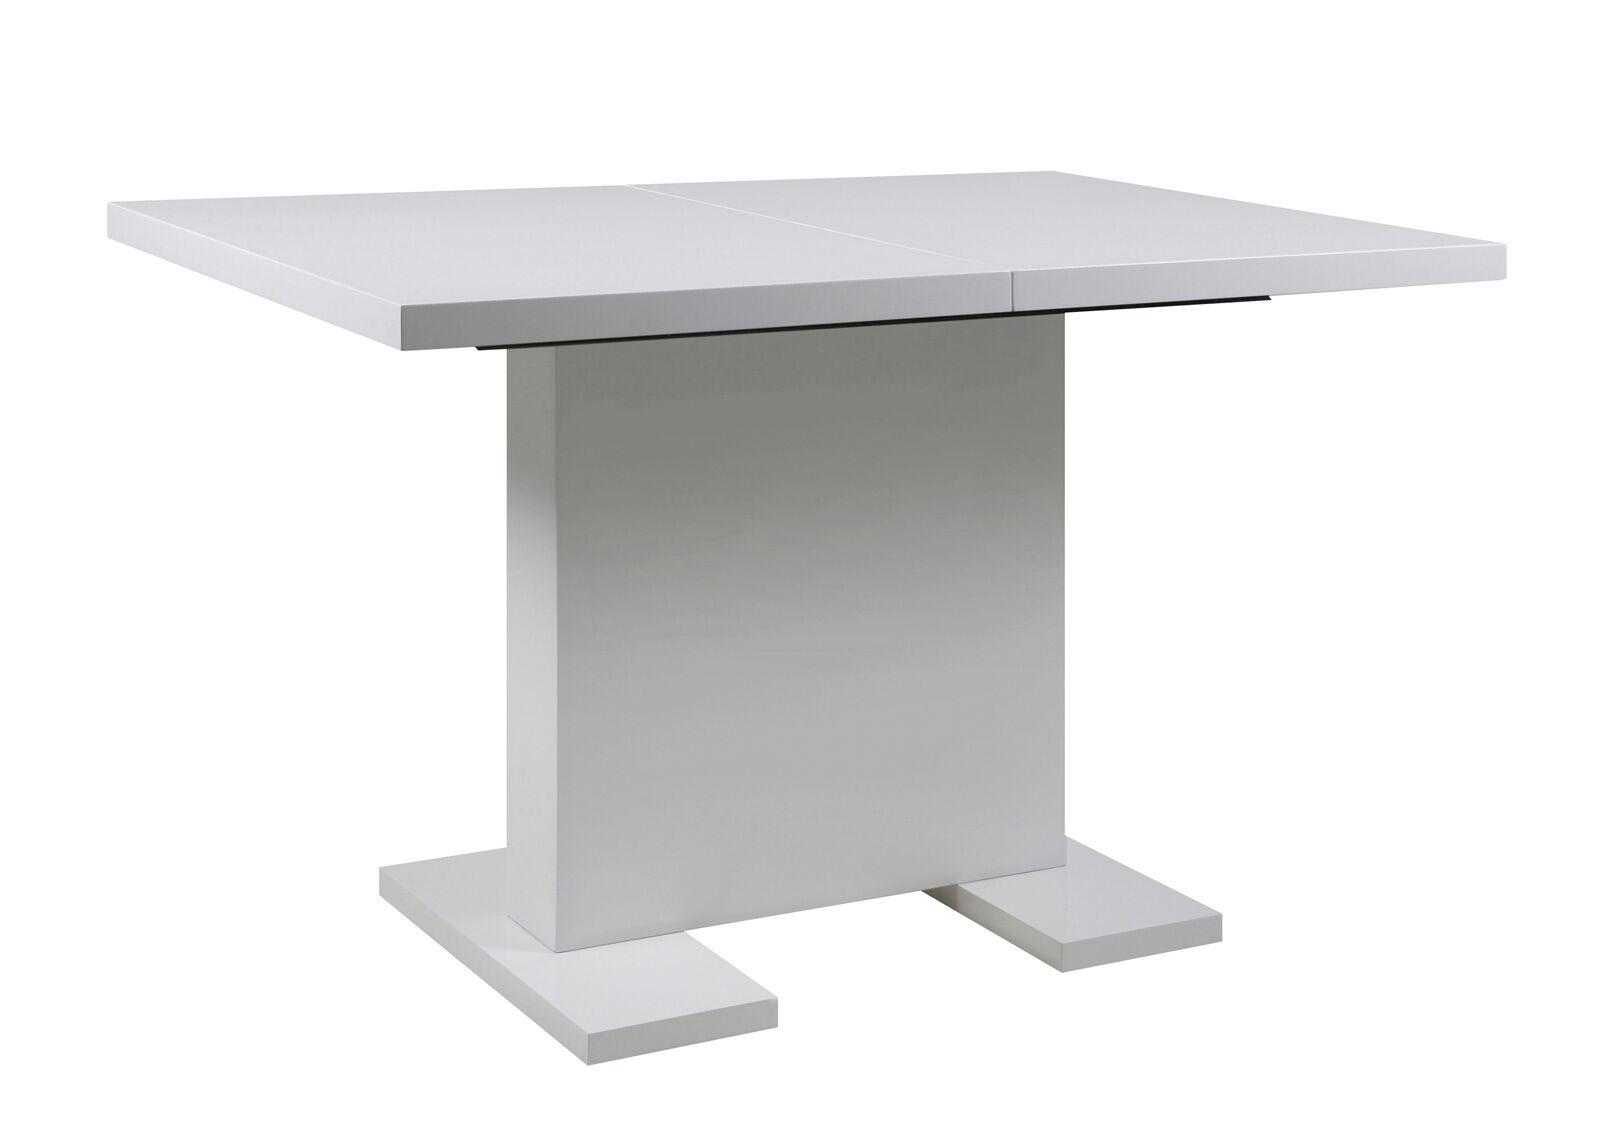 Image of Actona Jatkettava ruokapöytä GUST 80x120-160 cm